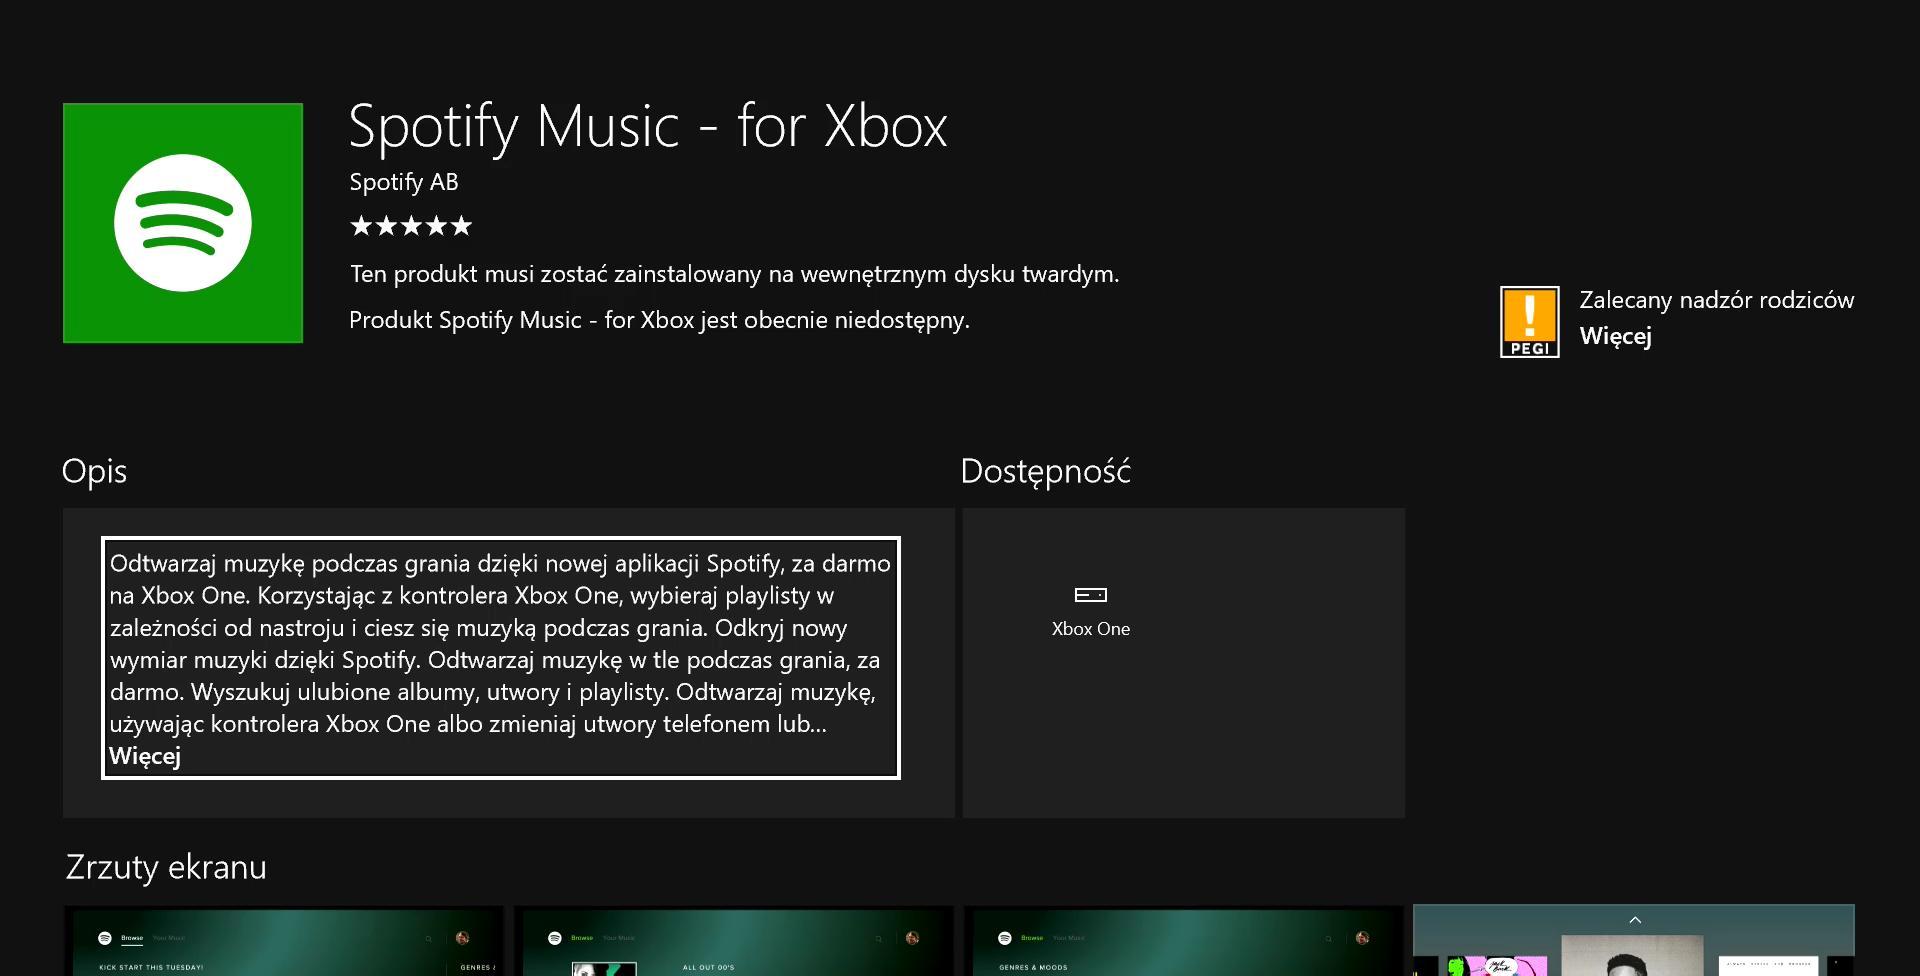 spotify music for xbox informacje o aplikacji